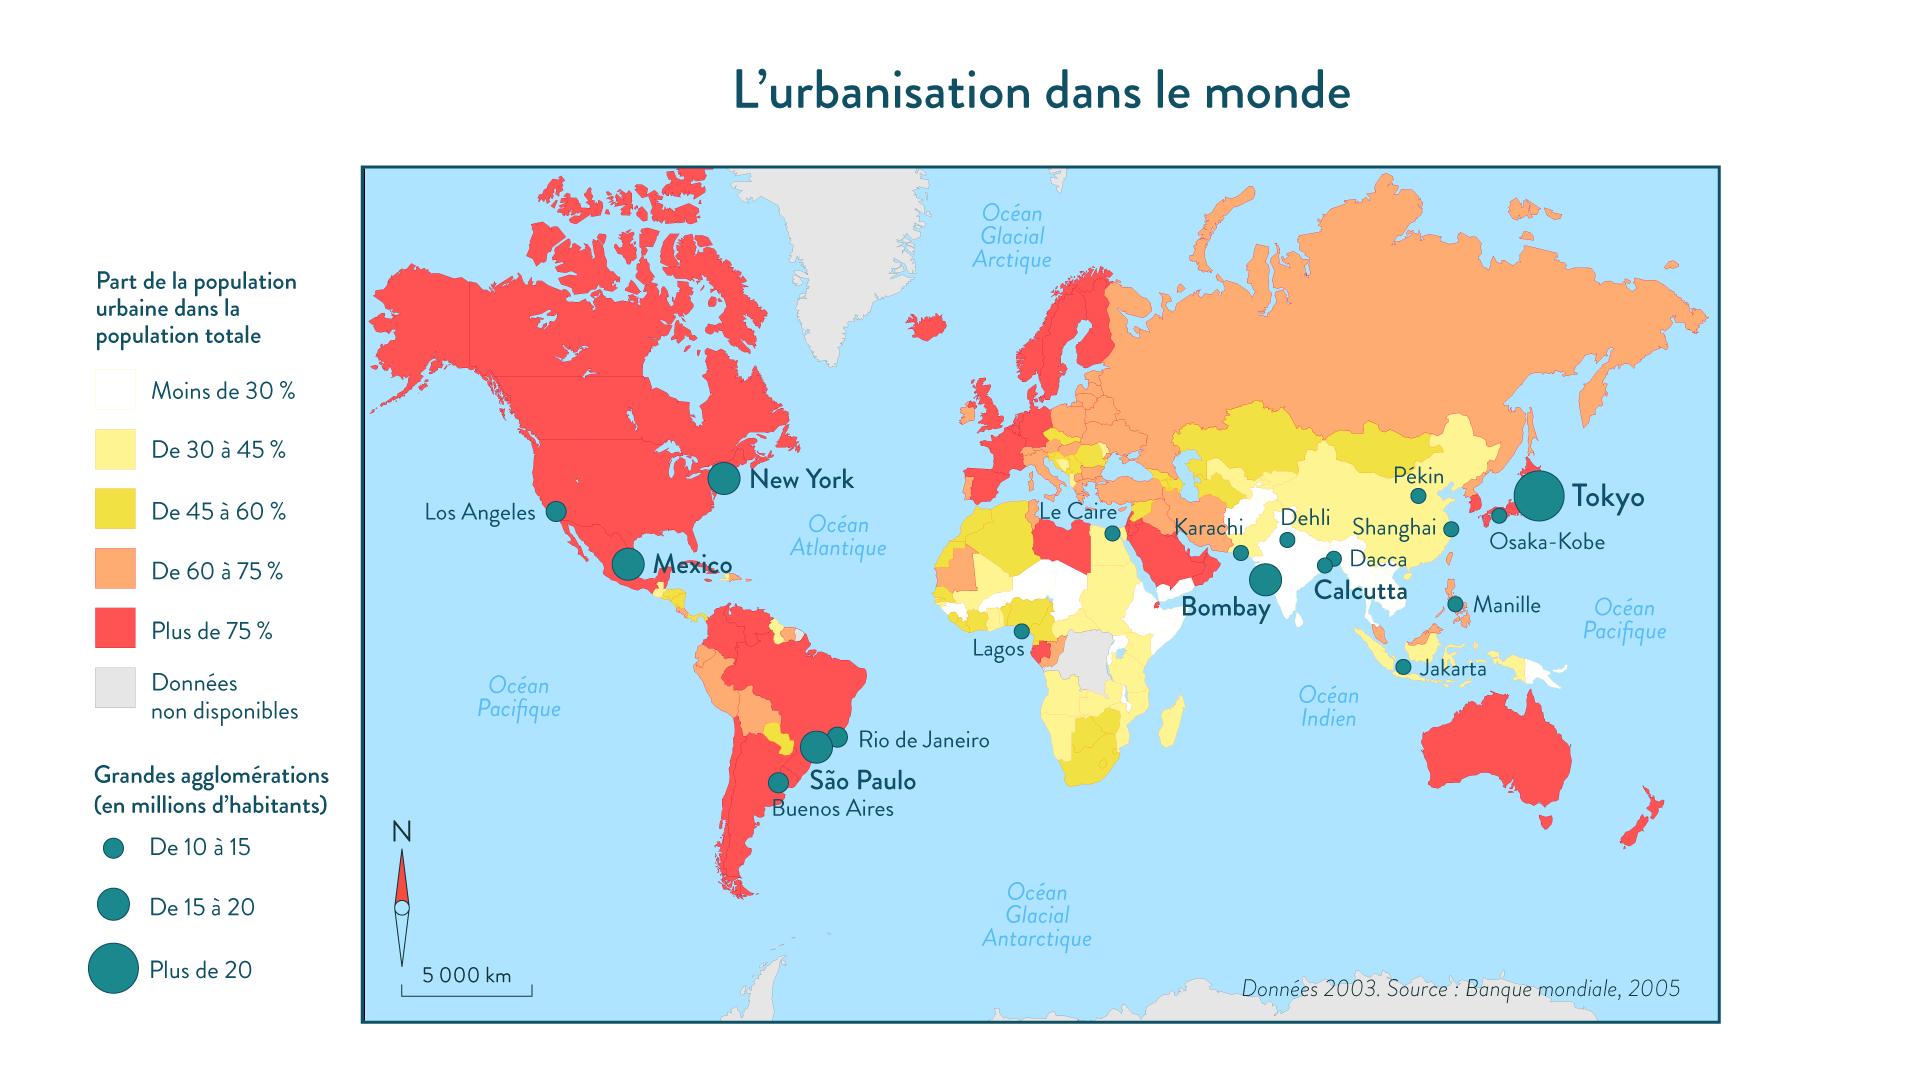 L'urbanisation dans le monde géographie cinquième